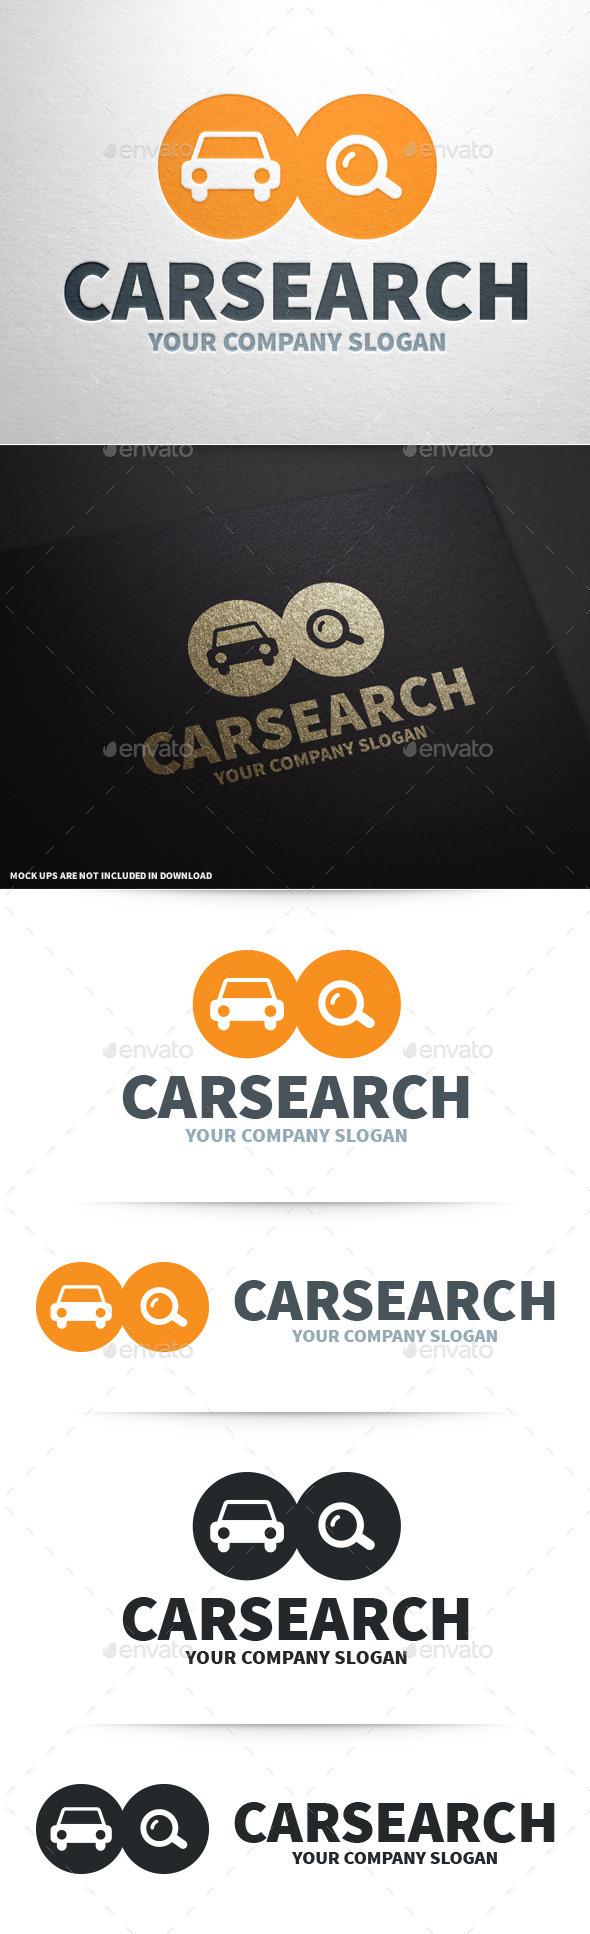 GraphicRiver Car Search Logo Template 8937159